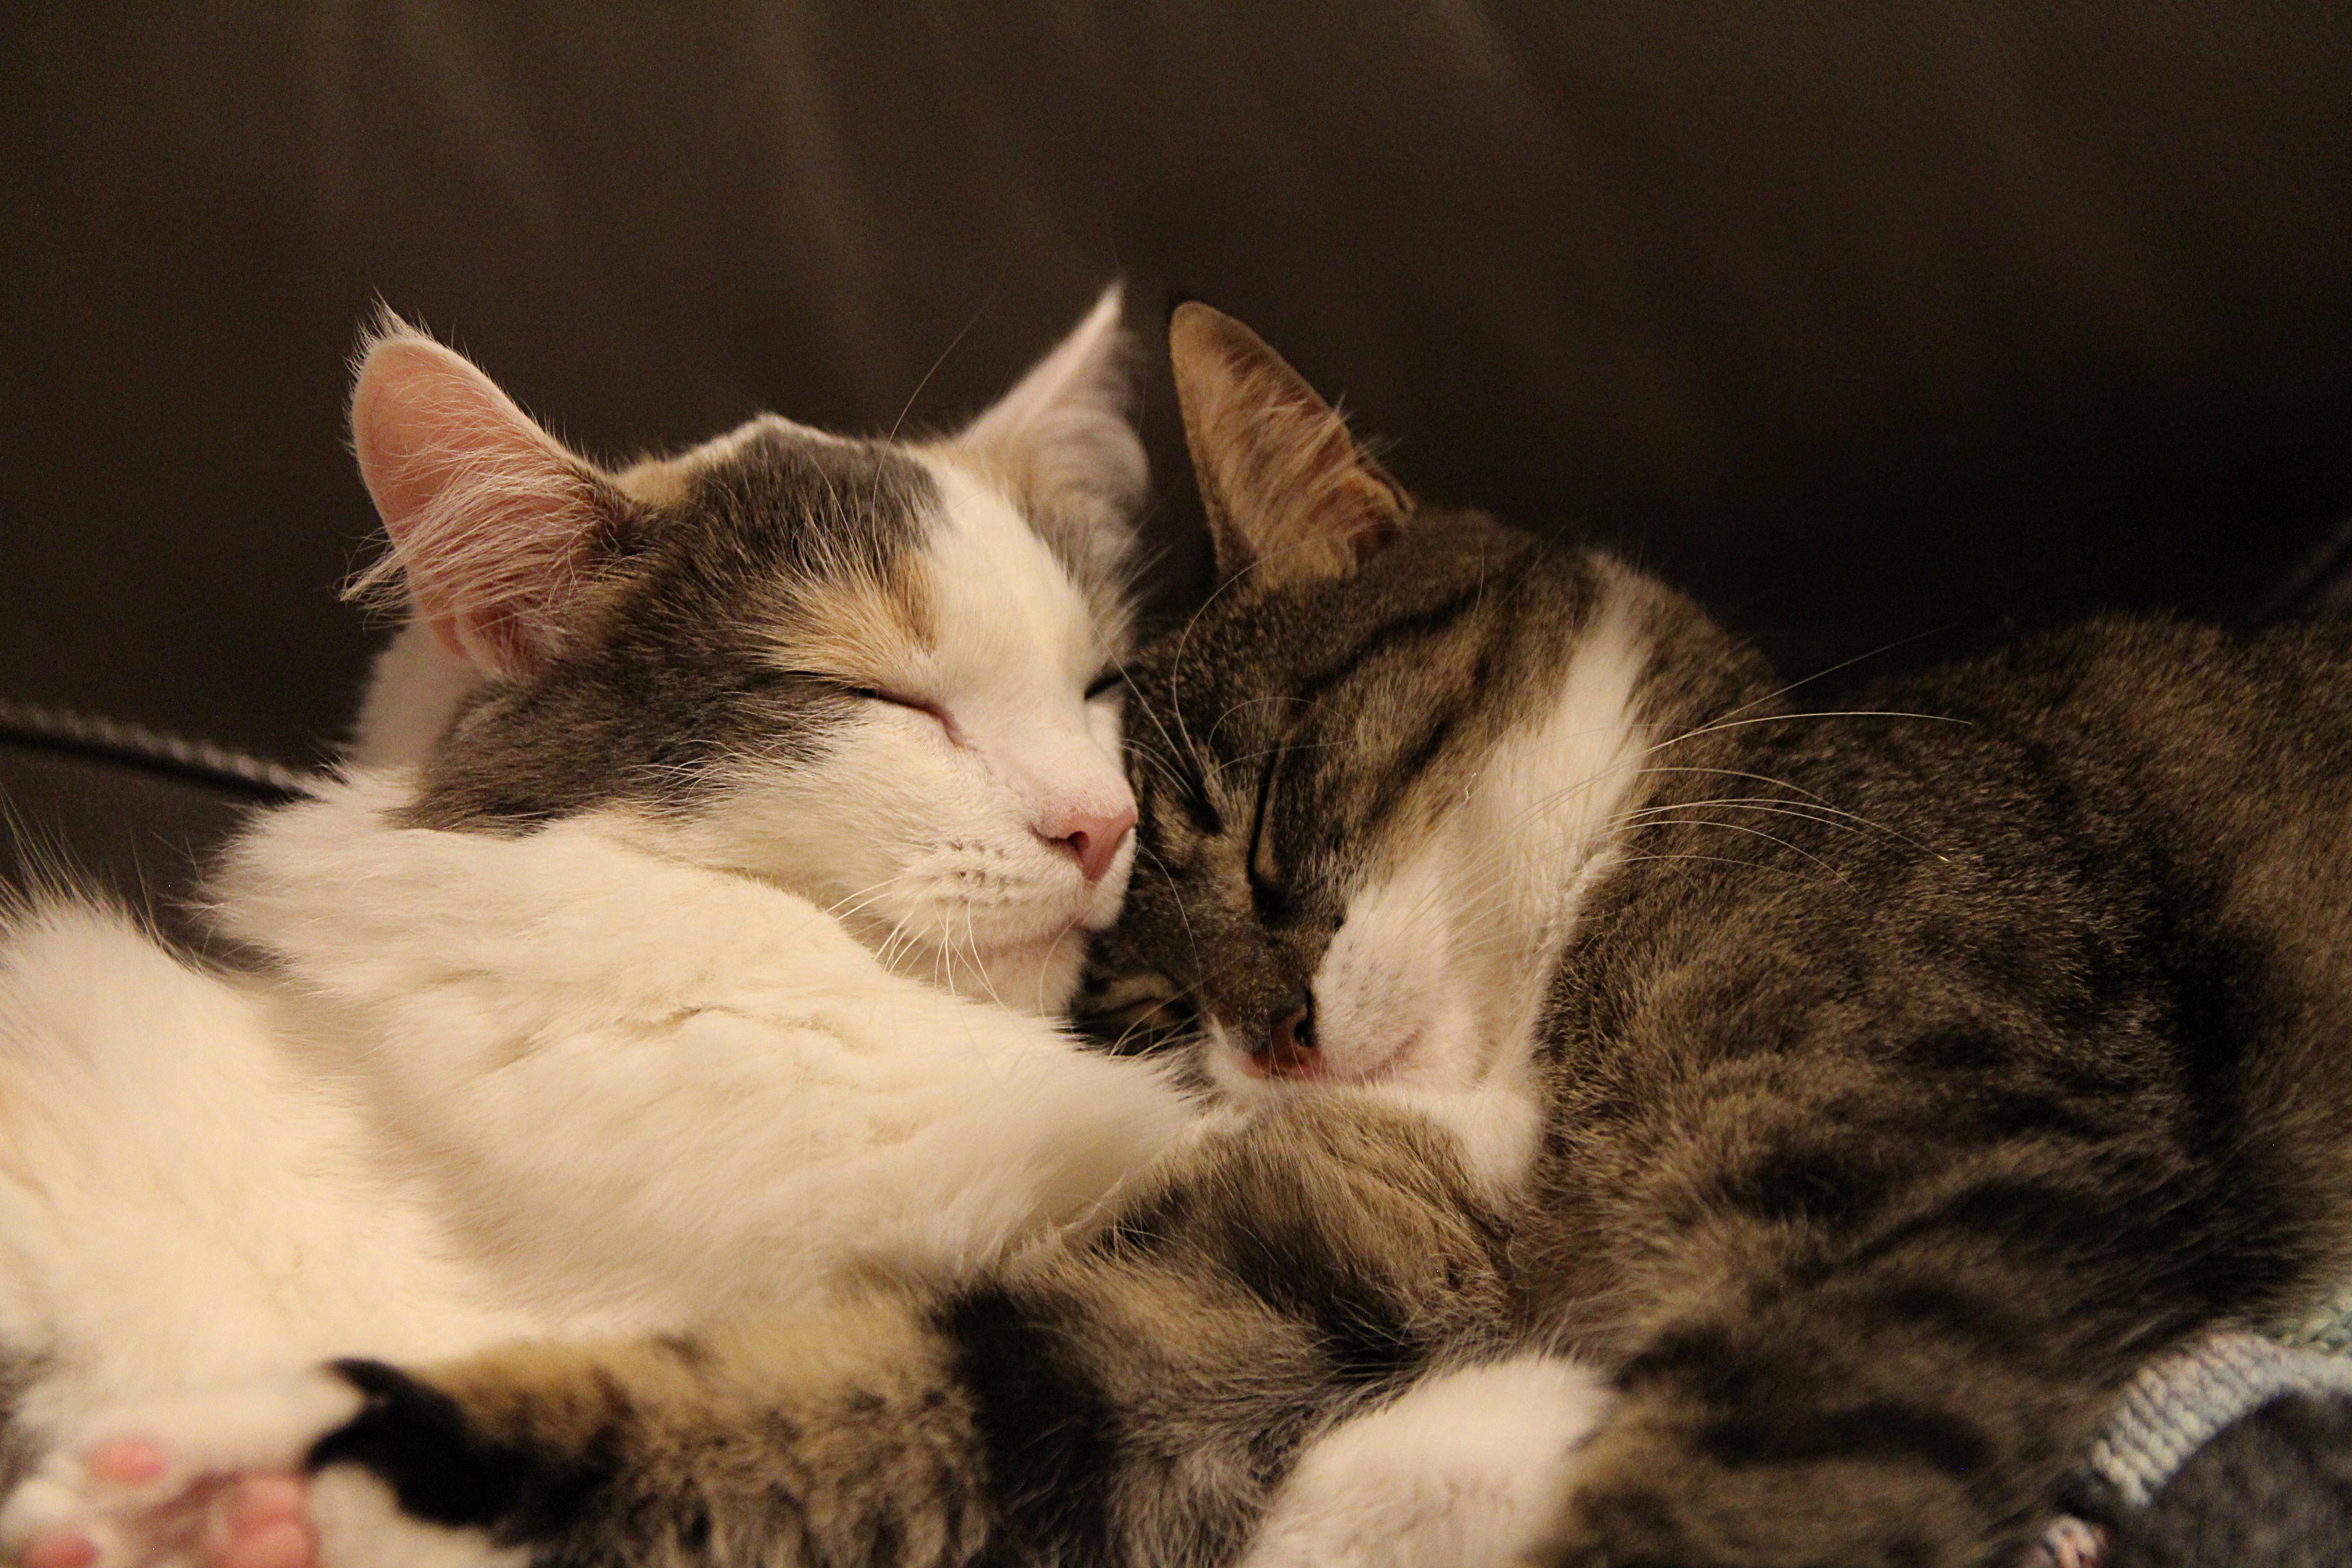 Heyni & Miisa, Kitten, Kissa, Katze, Katt, HQ Photo